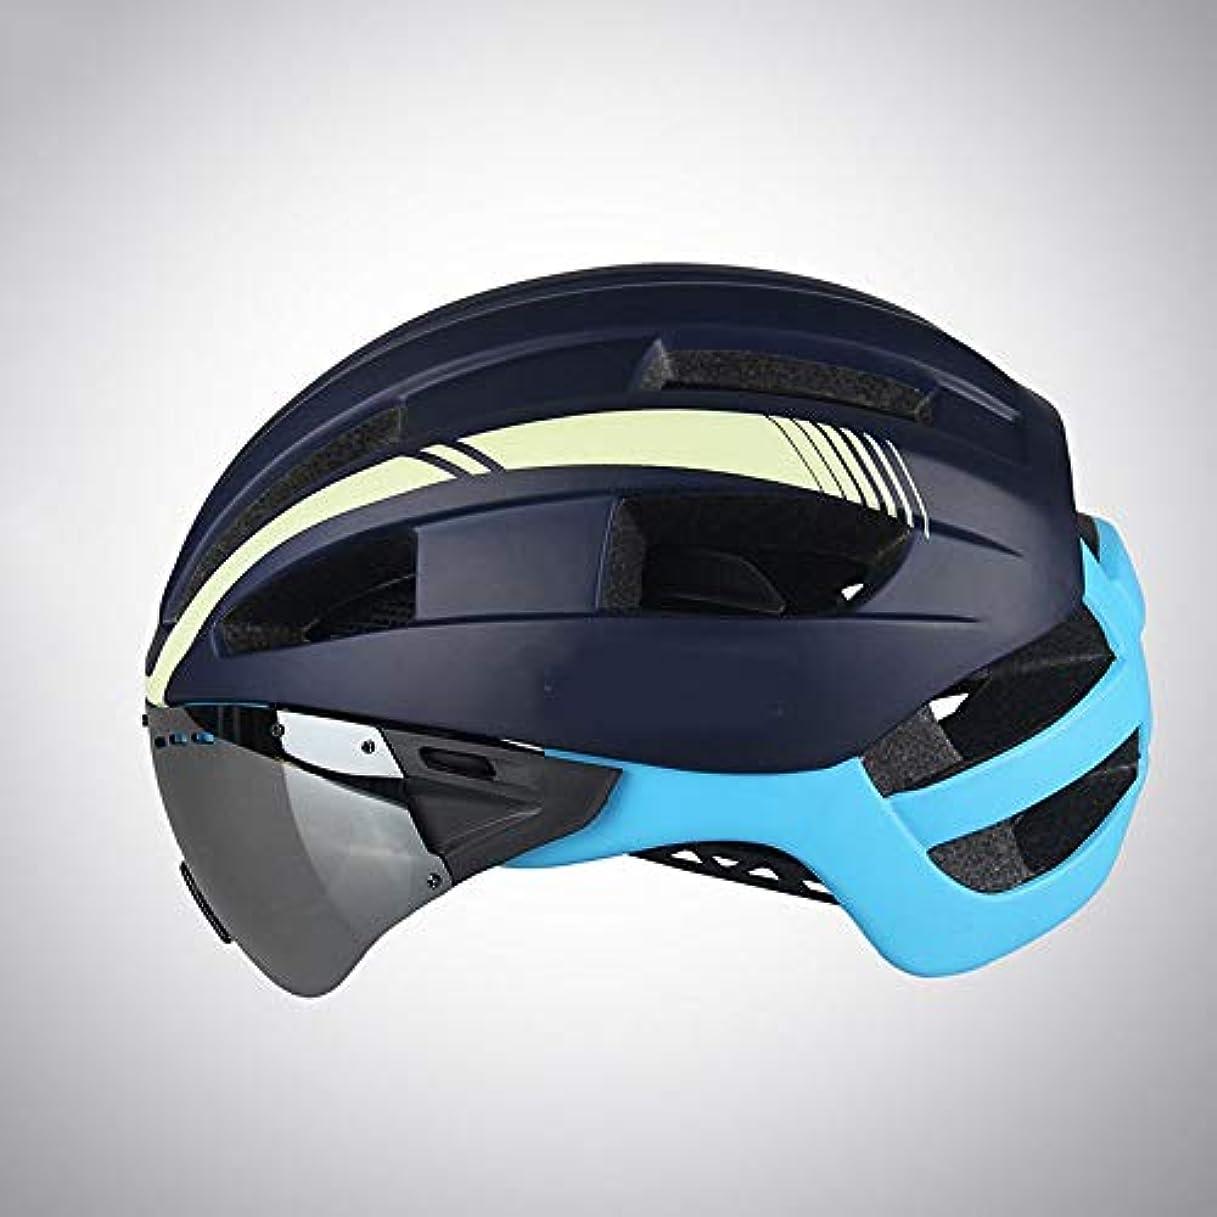 共産主義省略する戸惑うTOMSSL高品質 サイクリングヘルメット男性ゴーグルメガネ1マウンテンバイクヘルメット女性ロードサイクリング機器 TOMSSL高品質 (色 : Yellow)